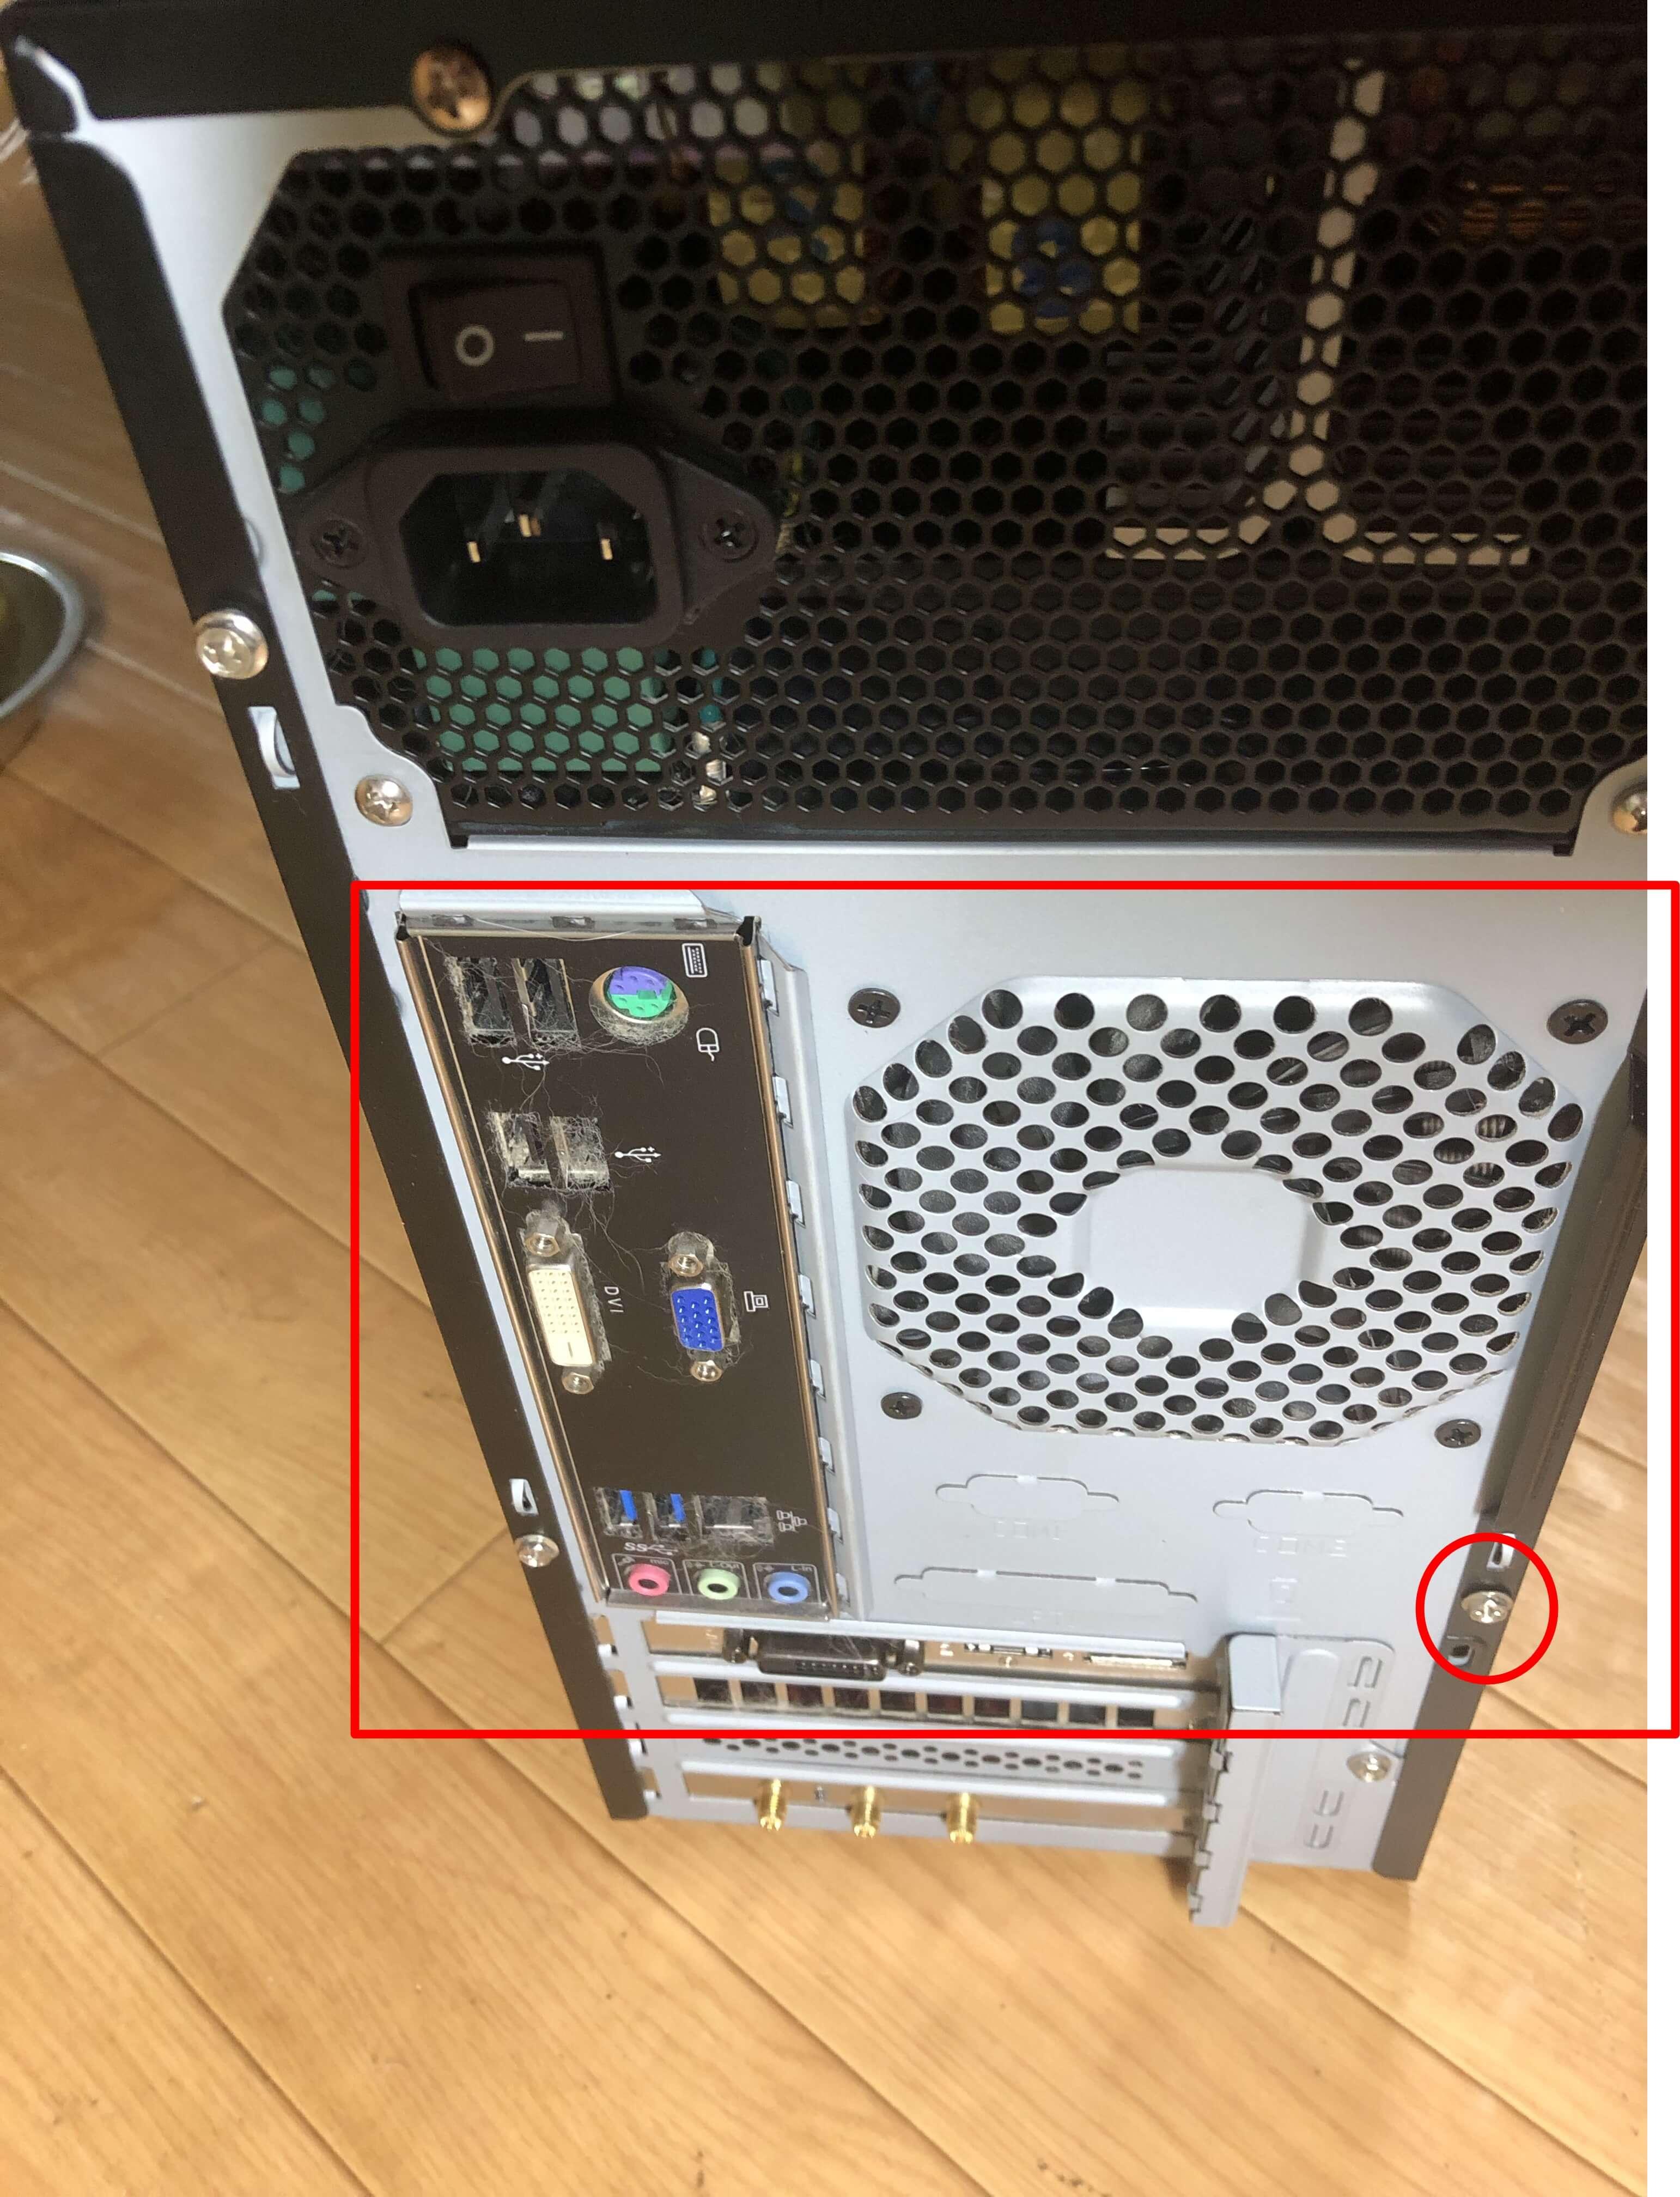 デスクトップの背面のホコリ